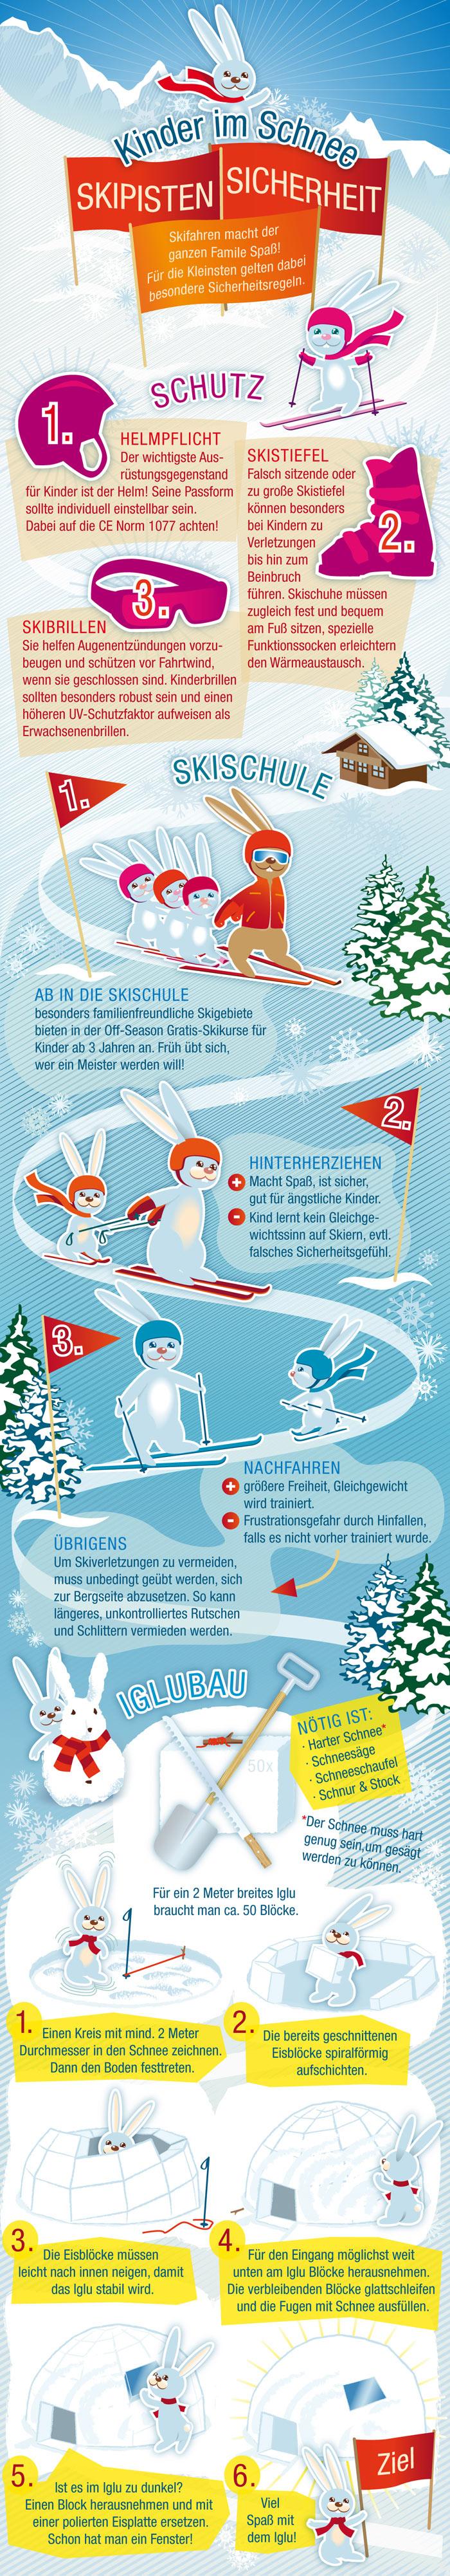 skisicherheit